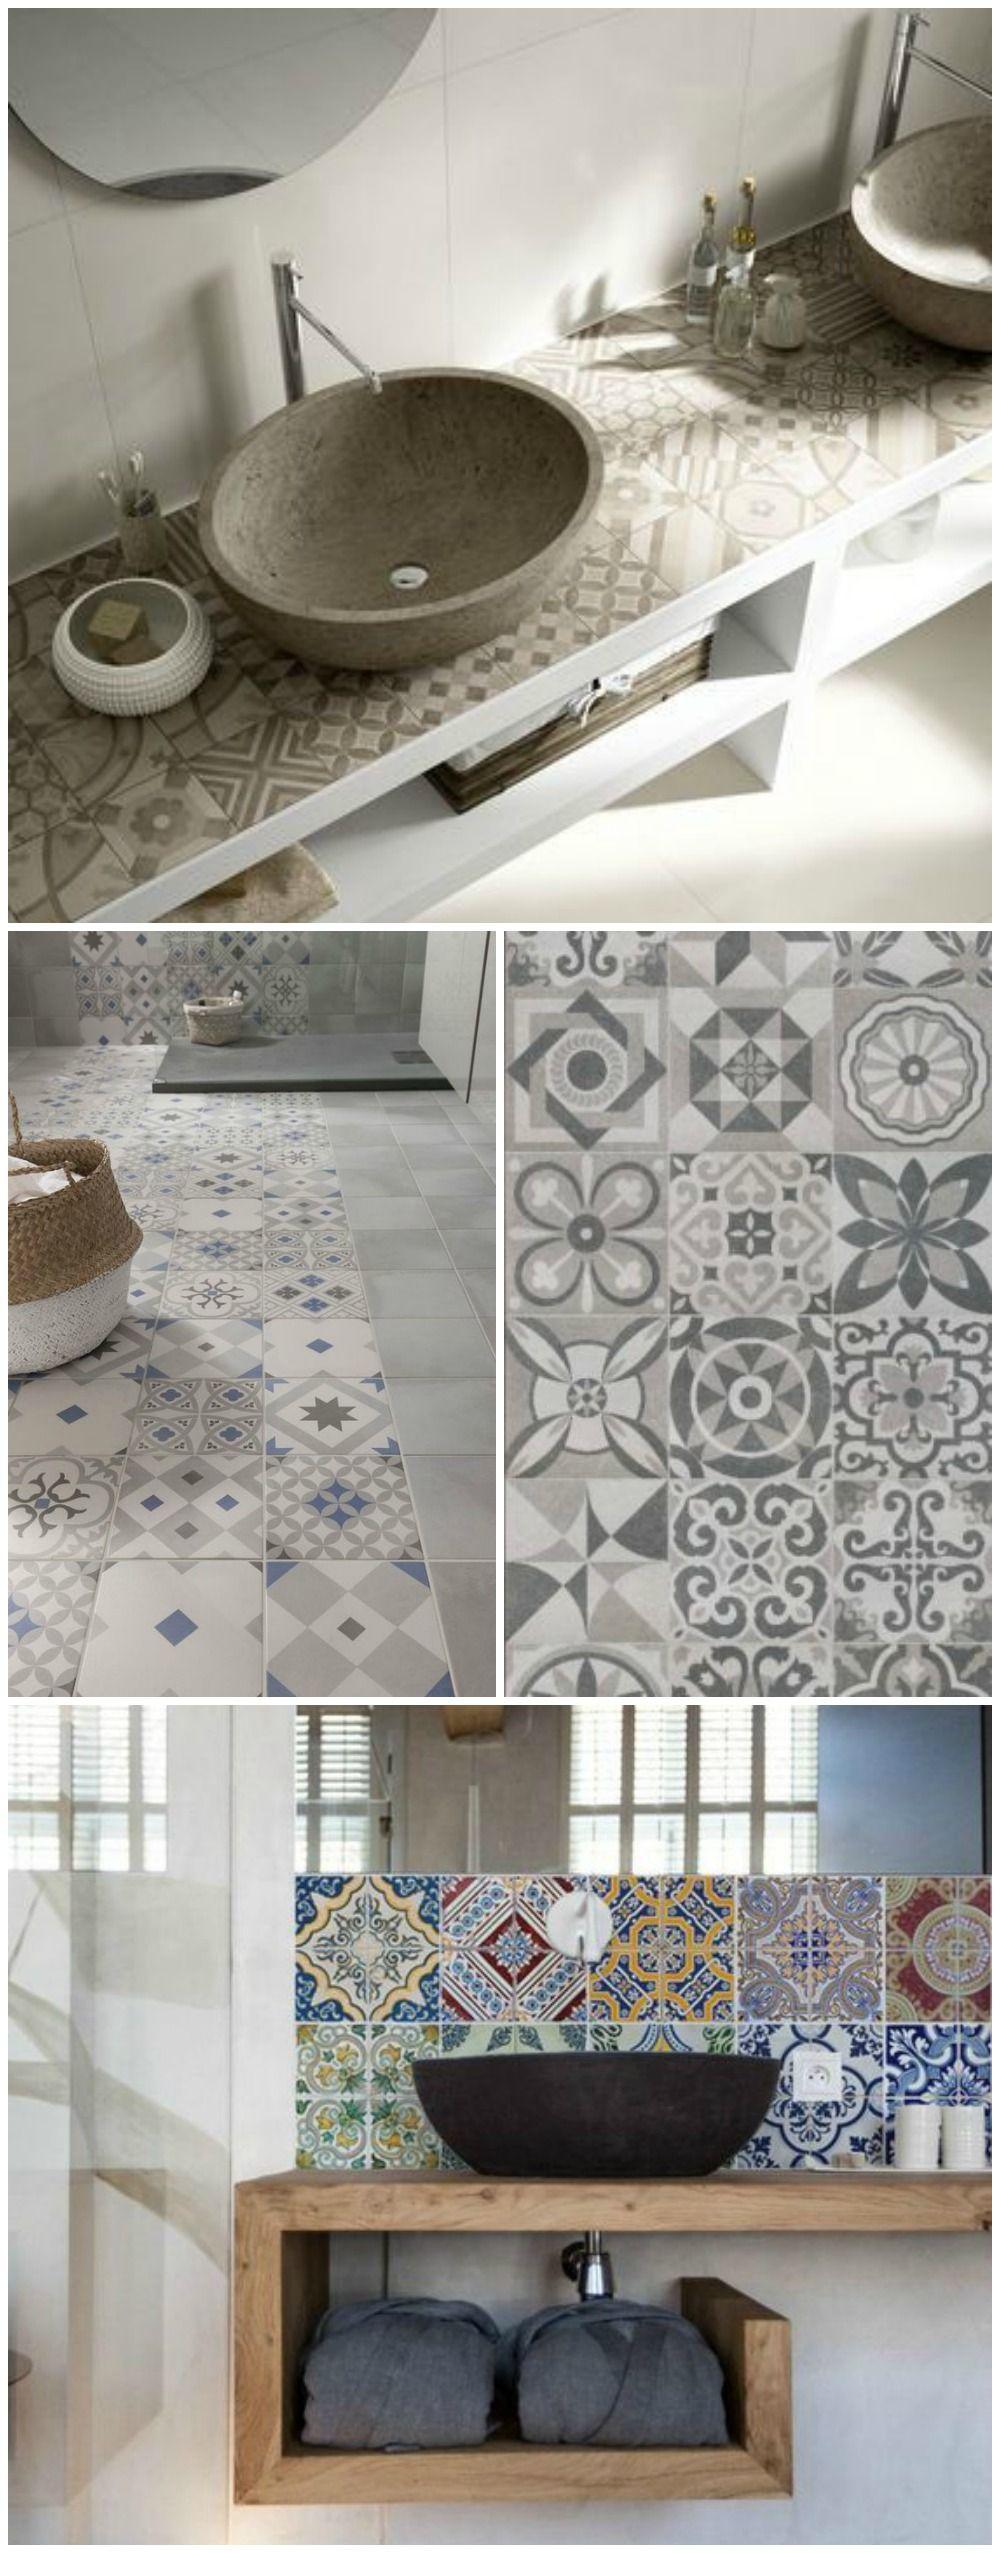 Ristrutturare il bagno con stile : Arredobagno online ! | Pinterest ...